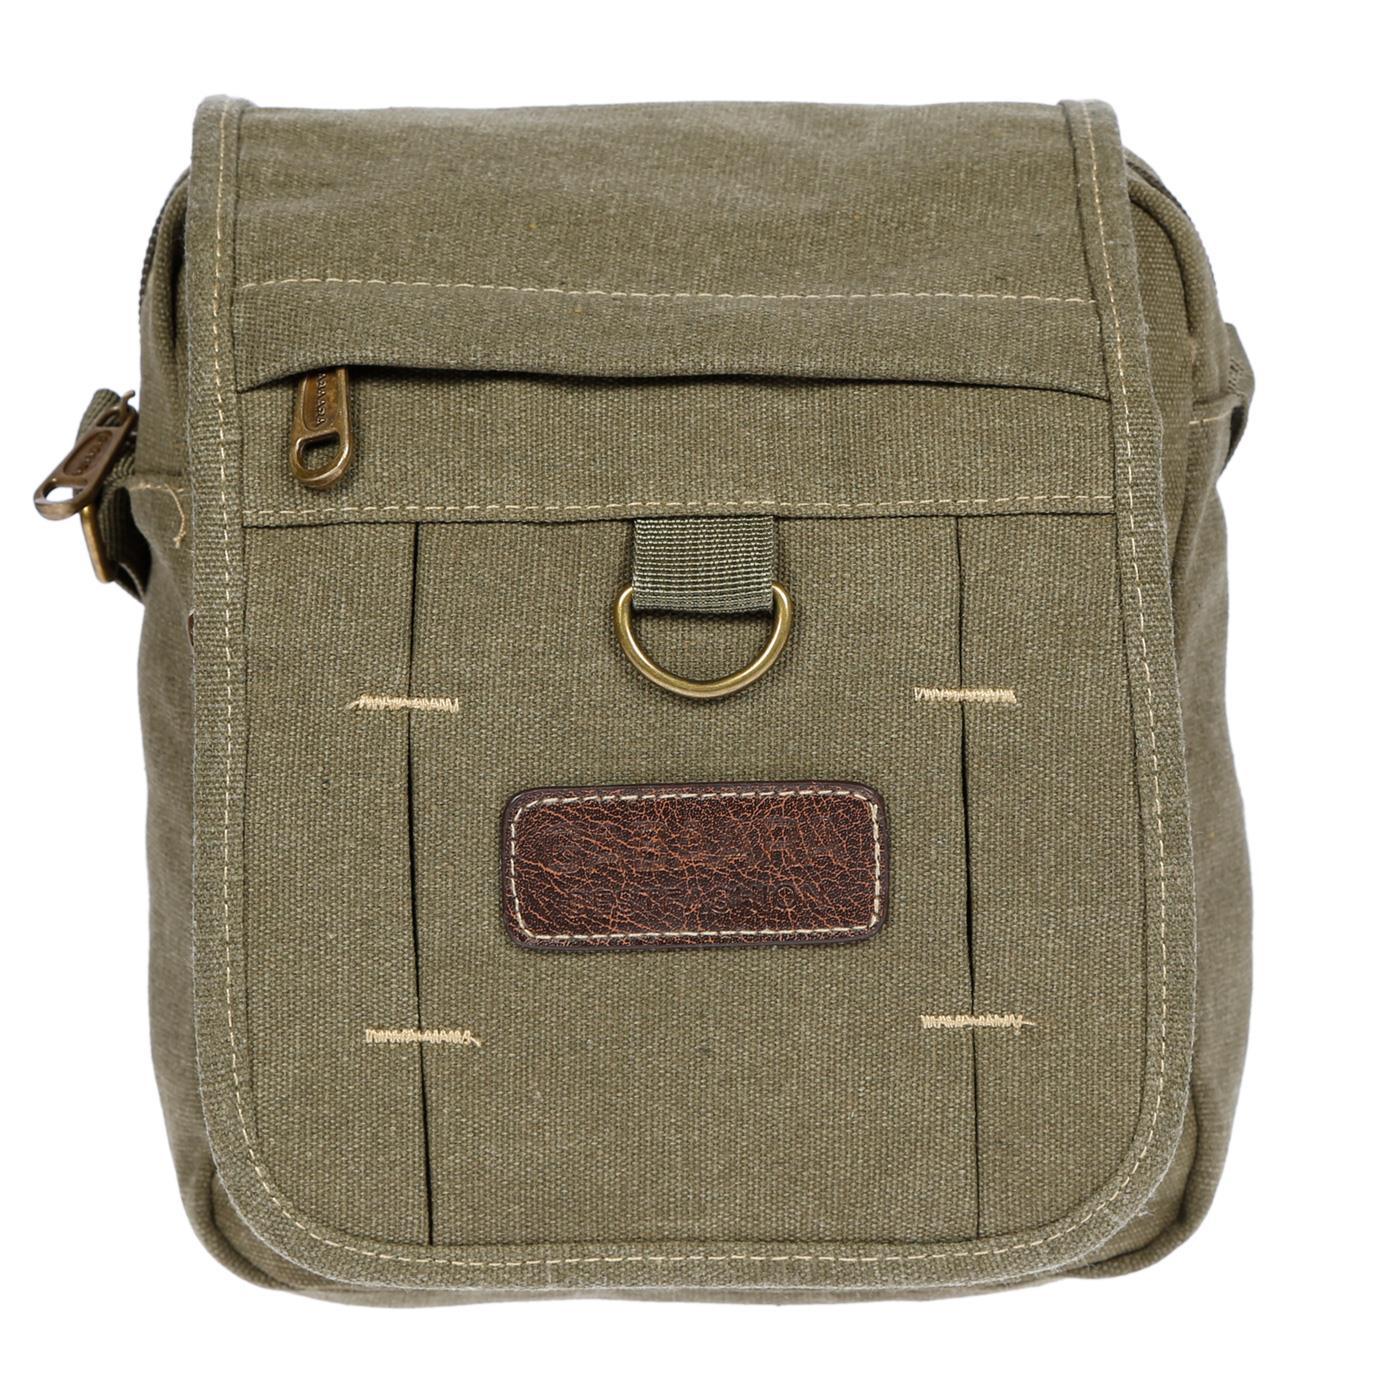 Damen-Herren-Tasche-Canvas-Umhaengetasche-Schultertasche-Crossover-Bag-Handtasche Indexbild 37